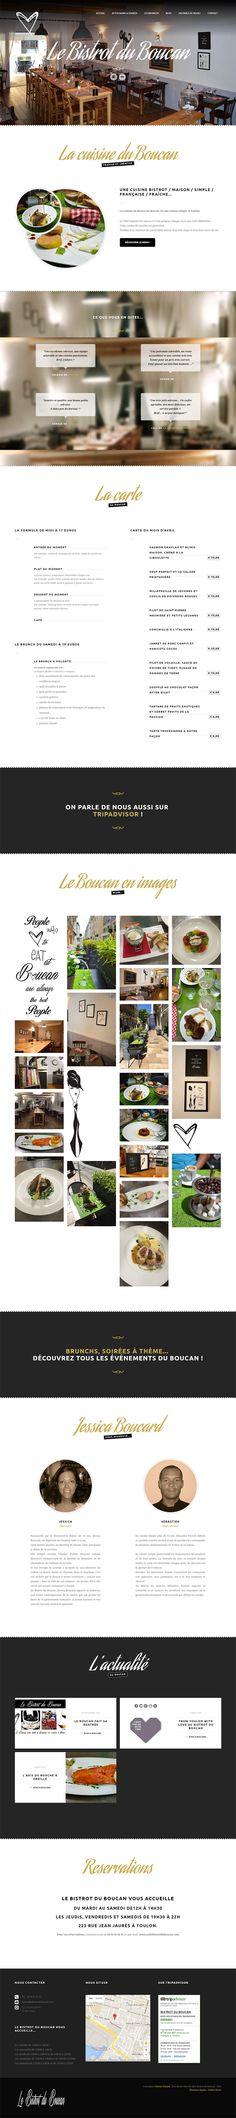 Stratégie sociale, conception d'un site web et identité graphique, le Bistrot du Boucan nous fait confiance et nous, on adore y manger ! À retenir : une cuisine maison, des produits frais et un site internet qui colle à l'image de ce restaurant toulonnais. www.lebistrotduboucan.com #identitevisuelle #wordpress #marketing